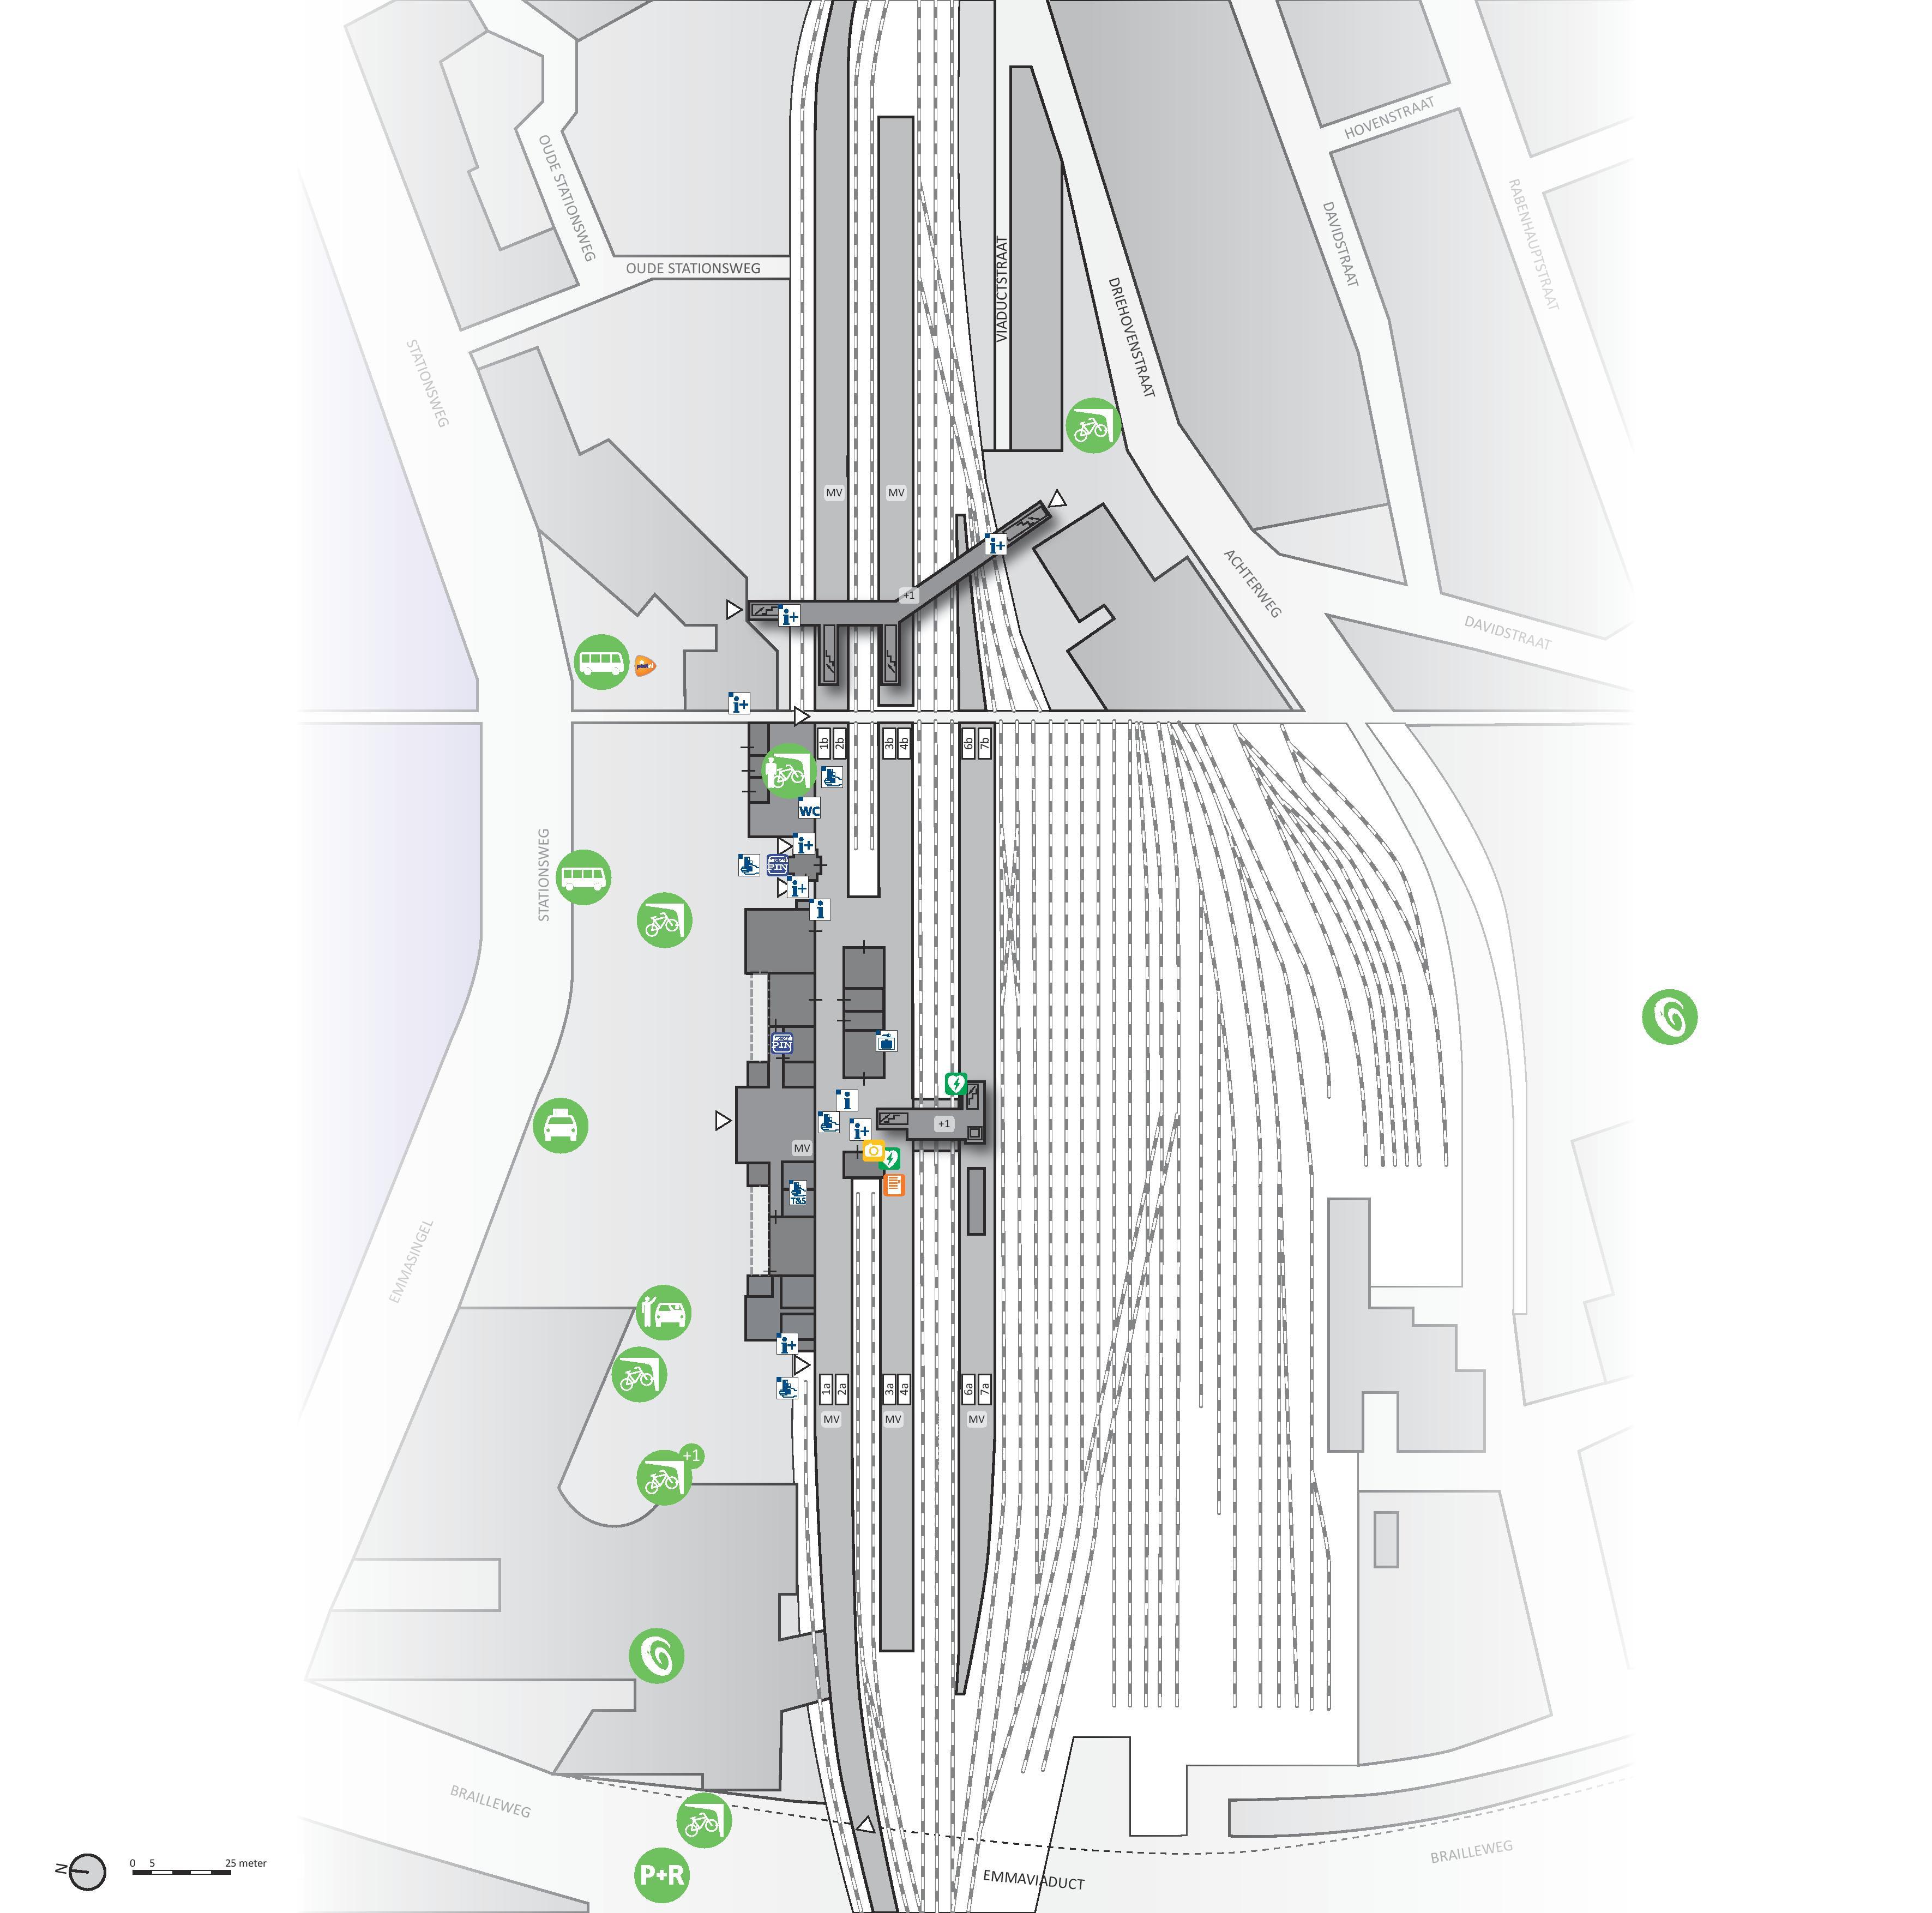 Plattegrond Station Groningen